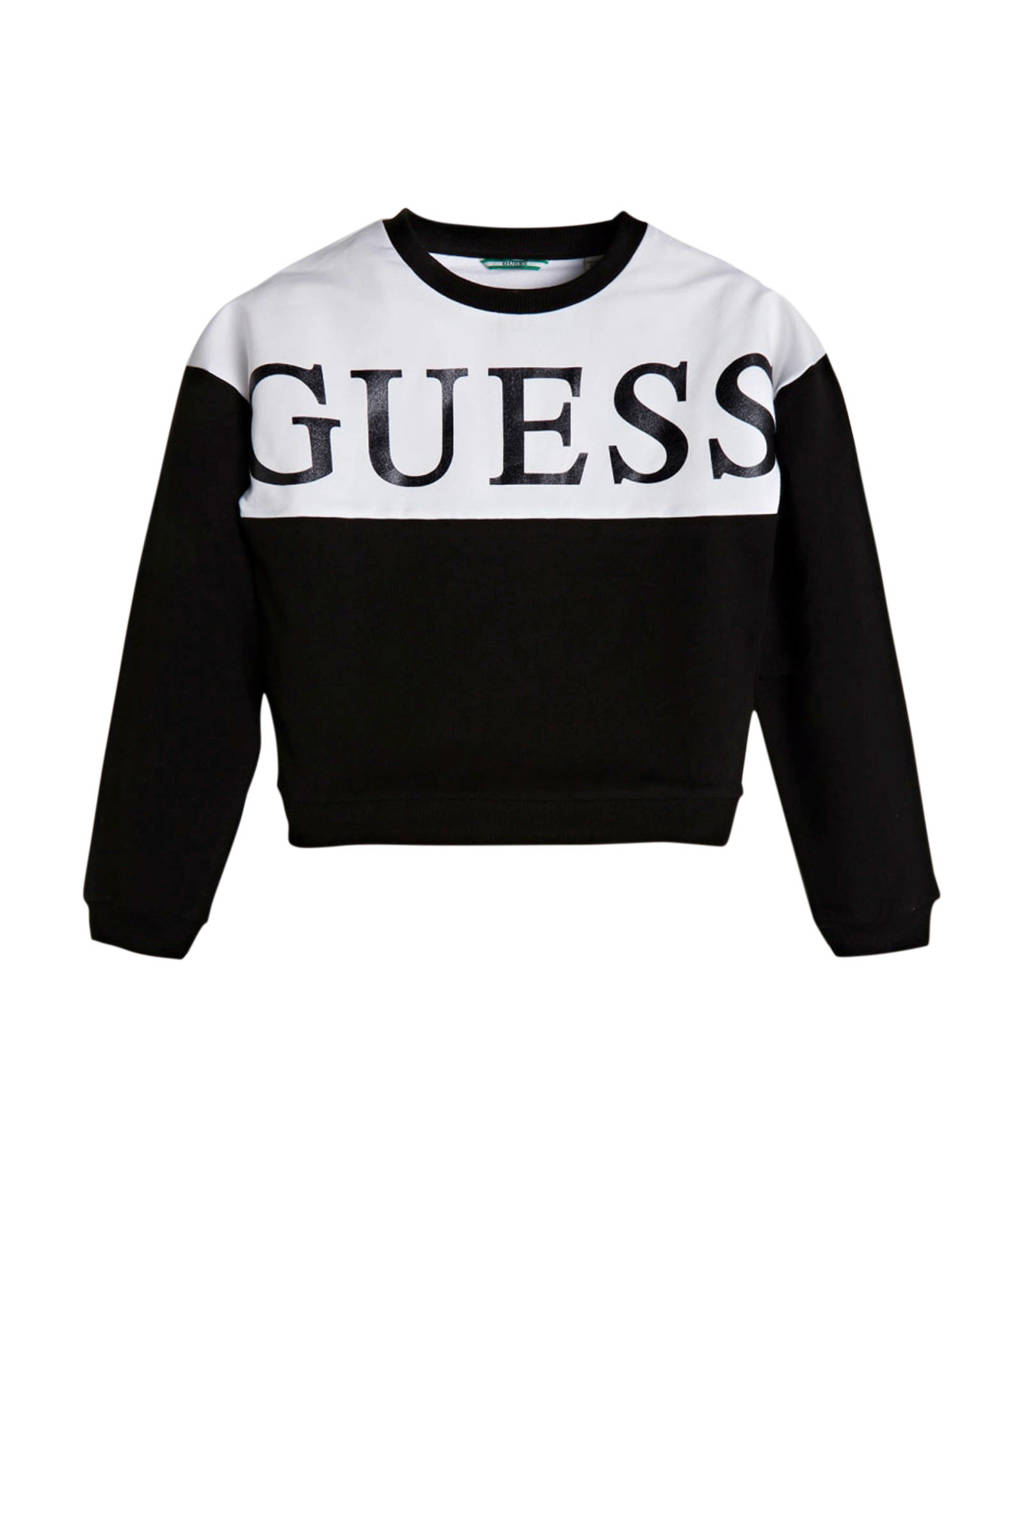 GUESS sweater LS active top met logo zwart/wit, Zwart/wit